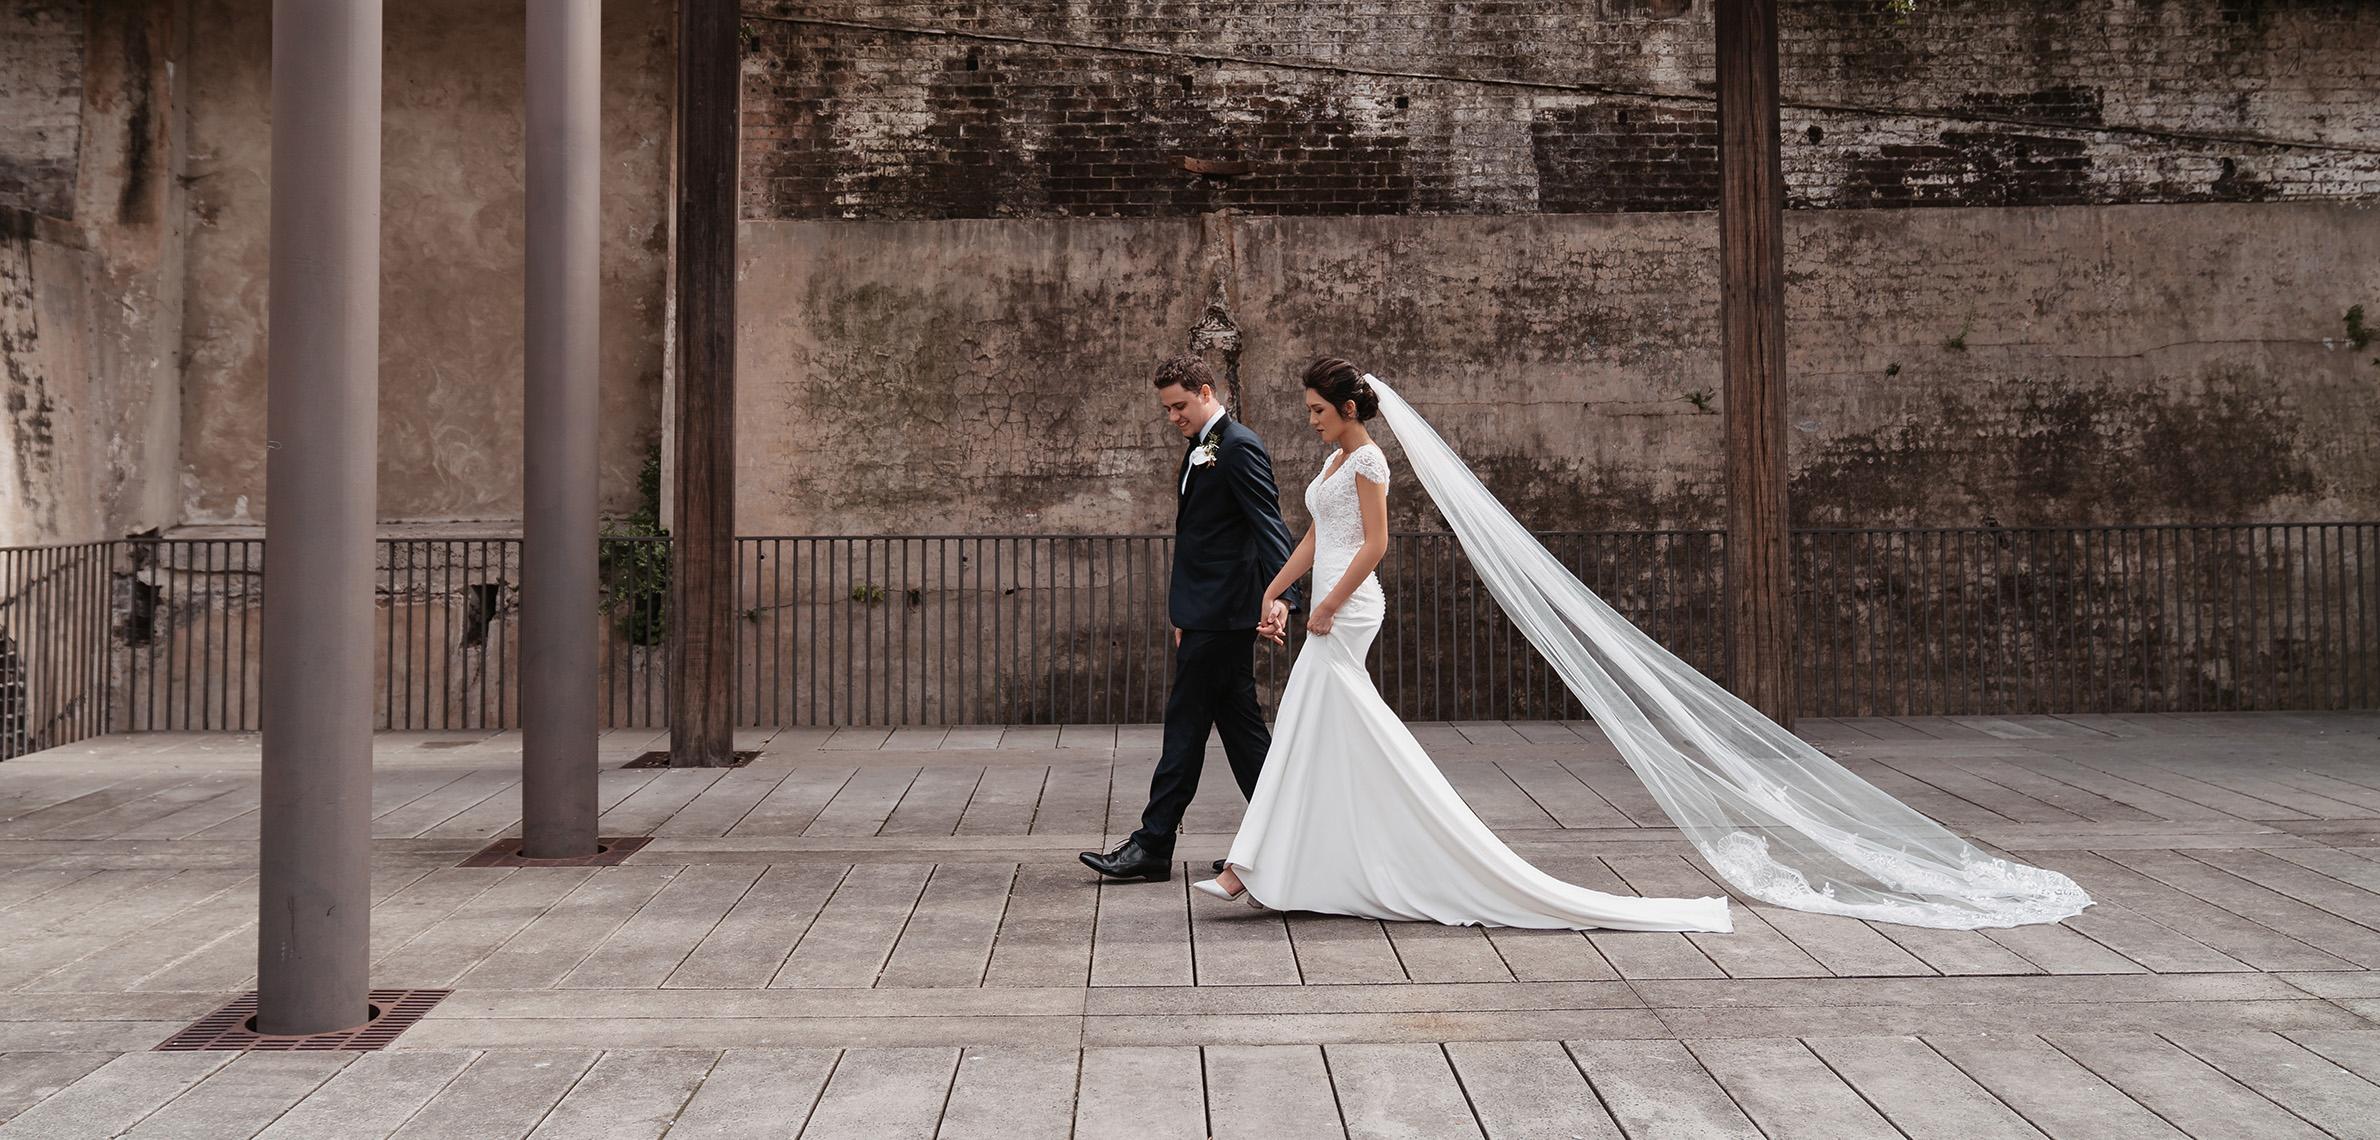 悉尼婚禮跟拍,悉尼婚禮攝影攝像,悉尼婚礼摄影摄像,悉尼网红婚纱拍摄点,网红旅拍婚纱照,悉尼婚纱摄影,悉尼婚礼拍摄,悉尼婚纱照,雪梨婚纱摄影,悉尼婚纱影楼,澳洲旅拍,悉尼婚纱旅拍,悉尼婚纱店